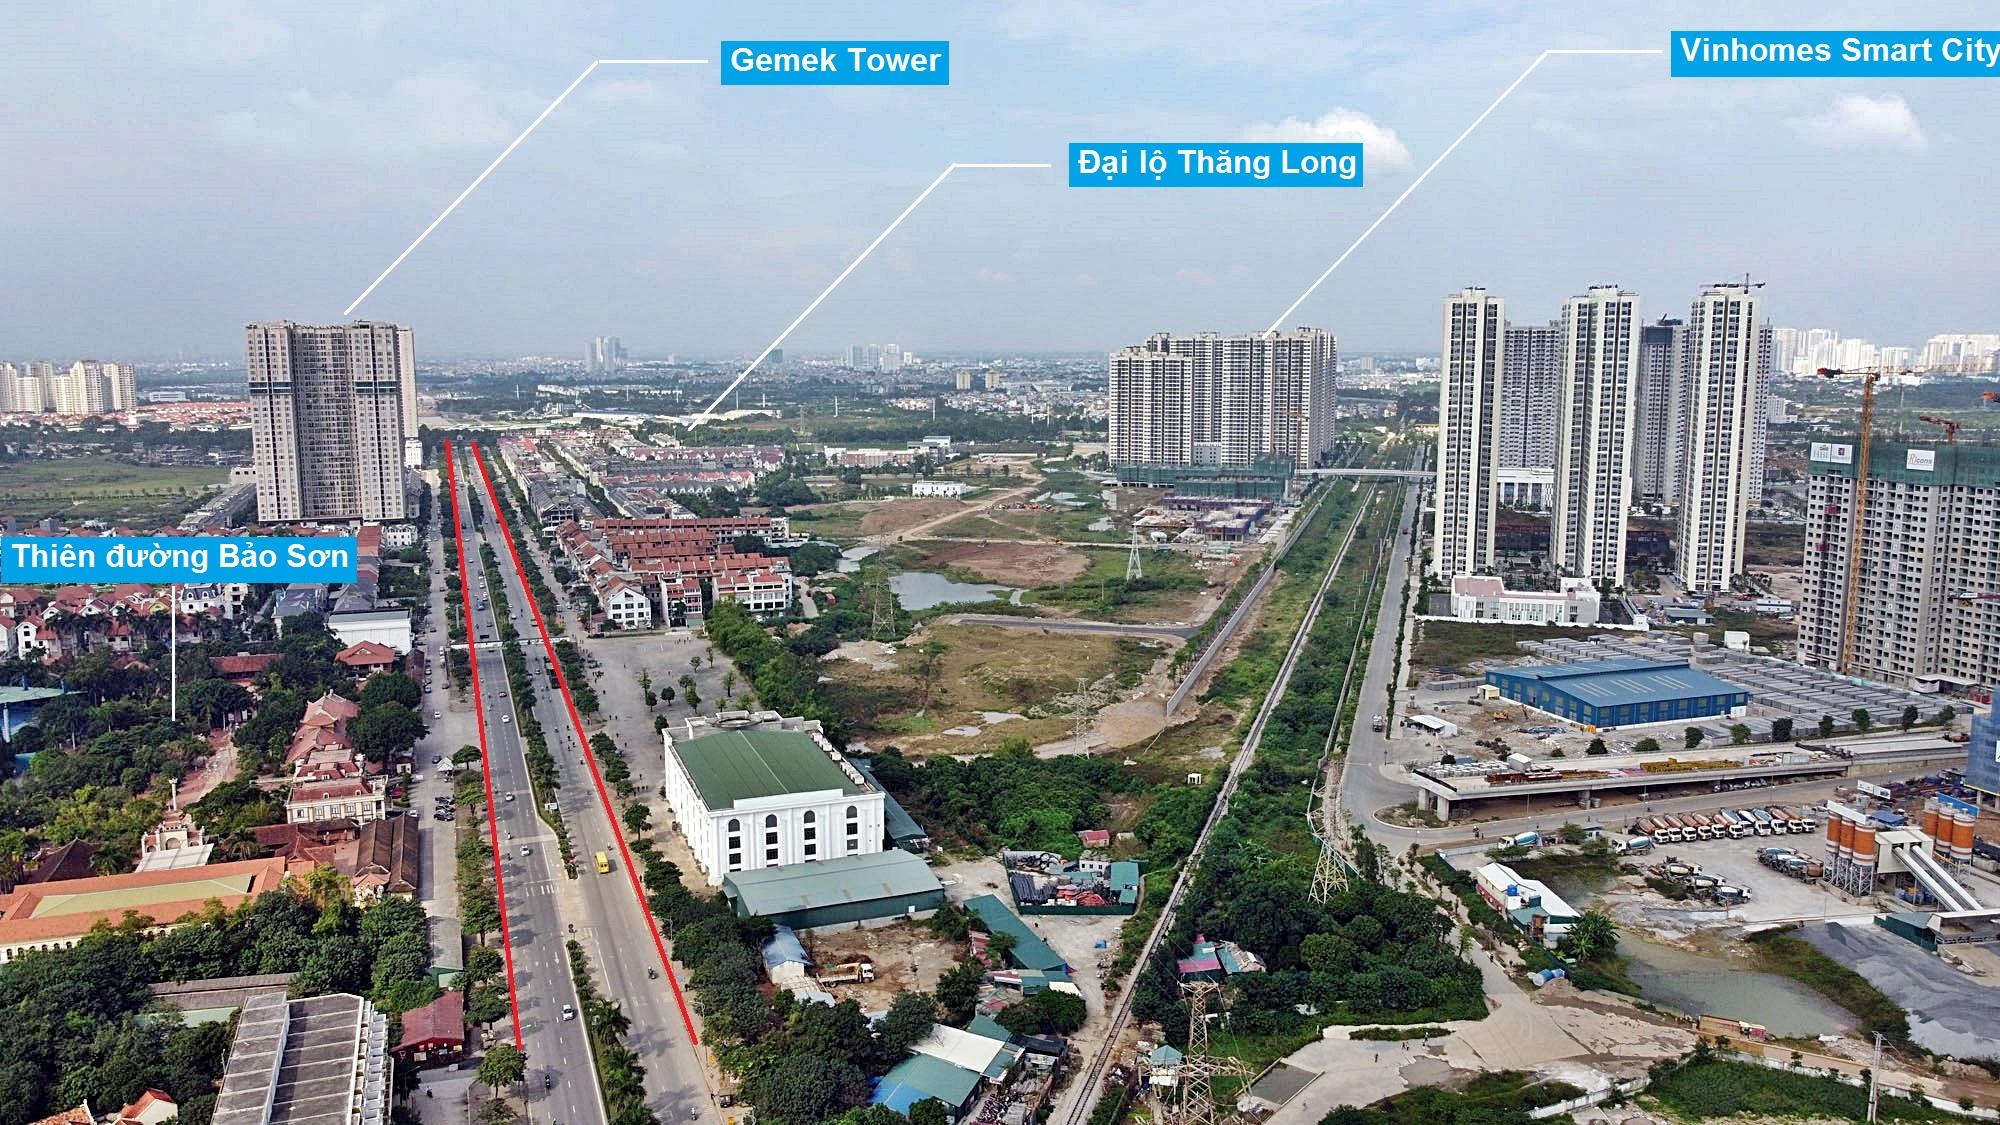 Toàn cảnh đường Vành đai 3,5 đang thi công qua huyện Hoài Đức, Hà Nội - Ảnh 1.